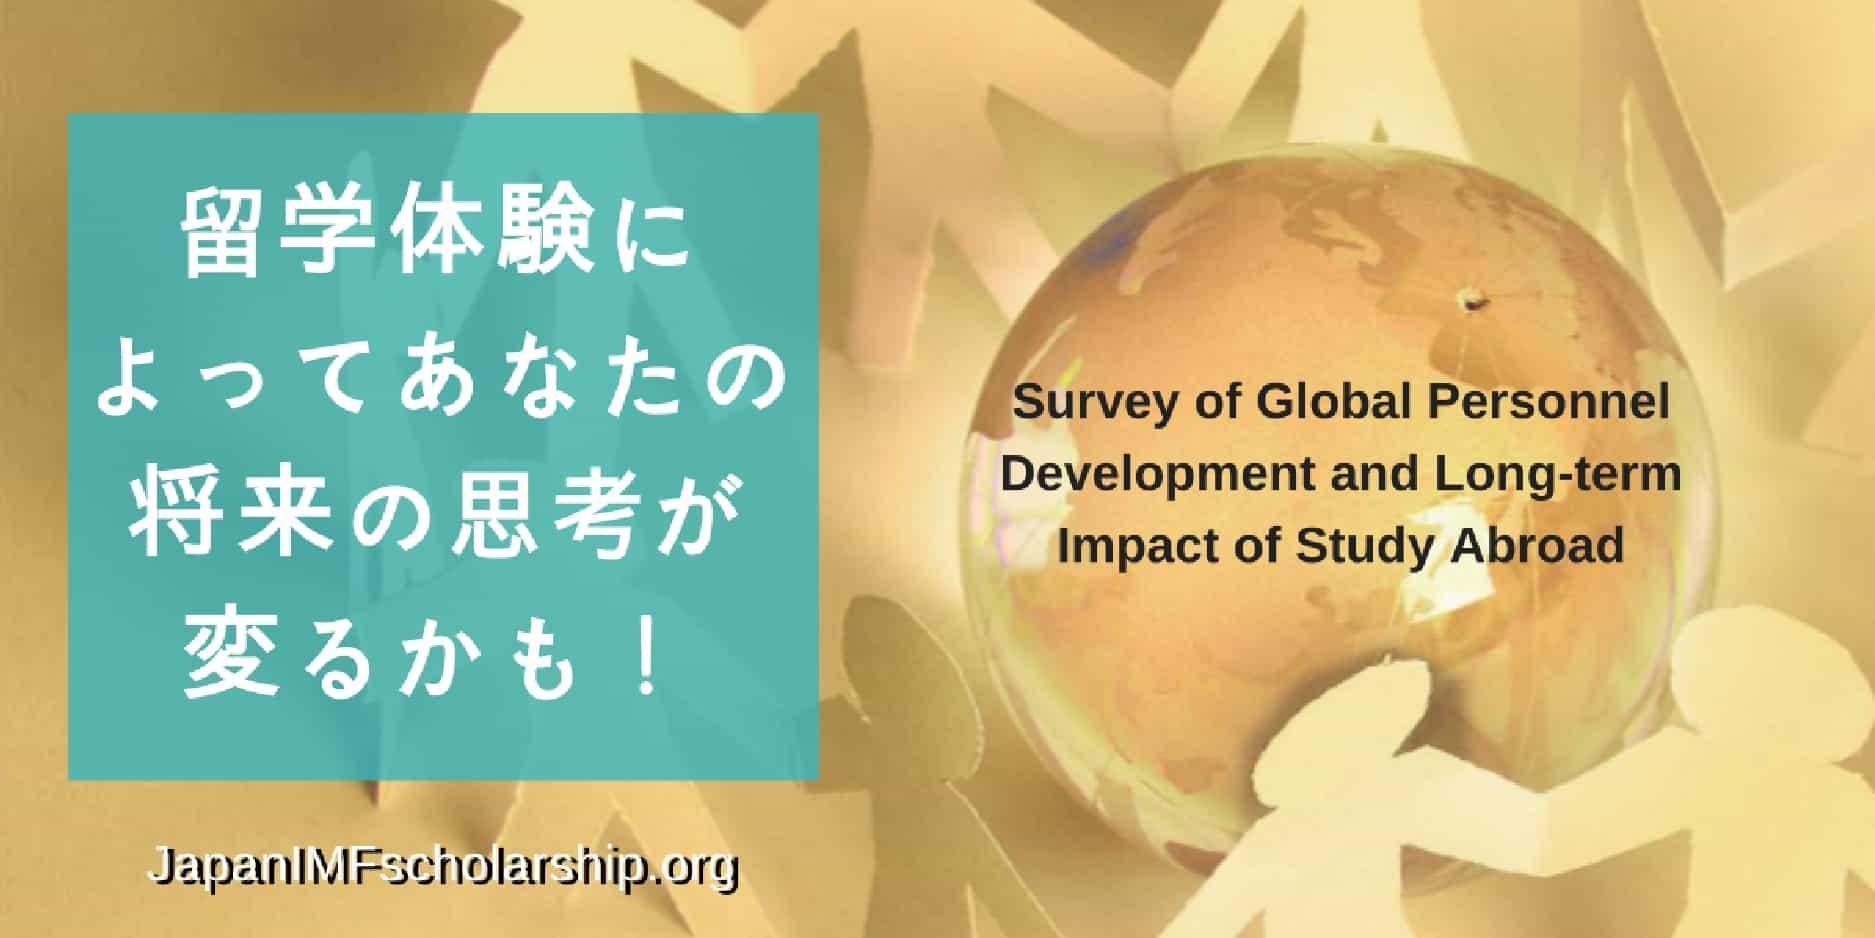 留学体験によってあなたの将来の思考が変るかも   visit japanimfscholarship.org